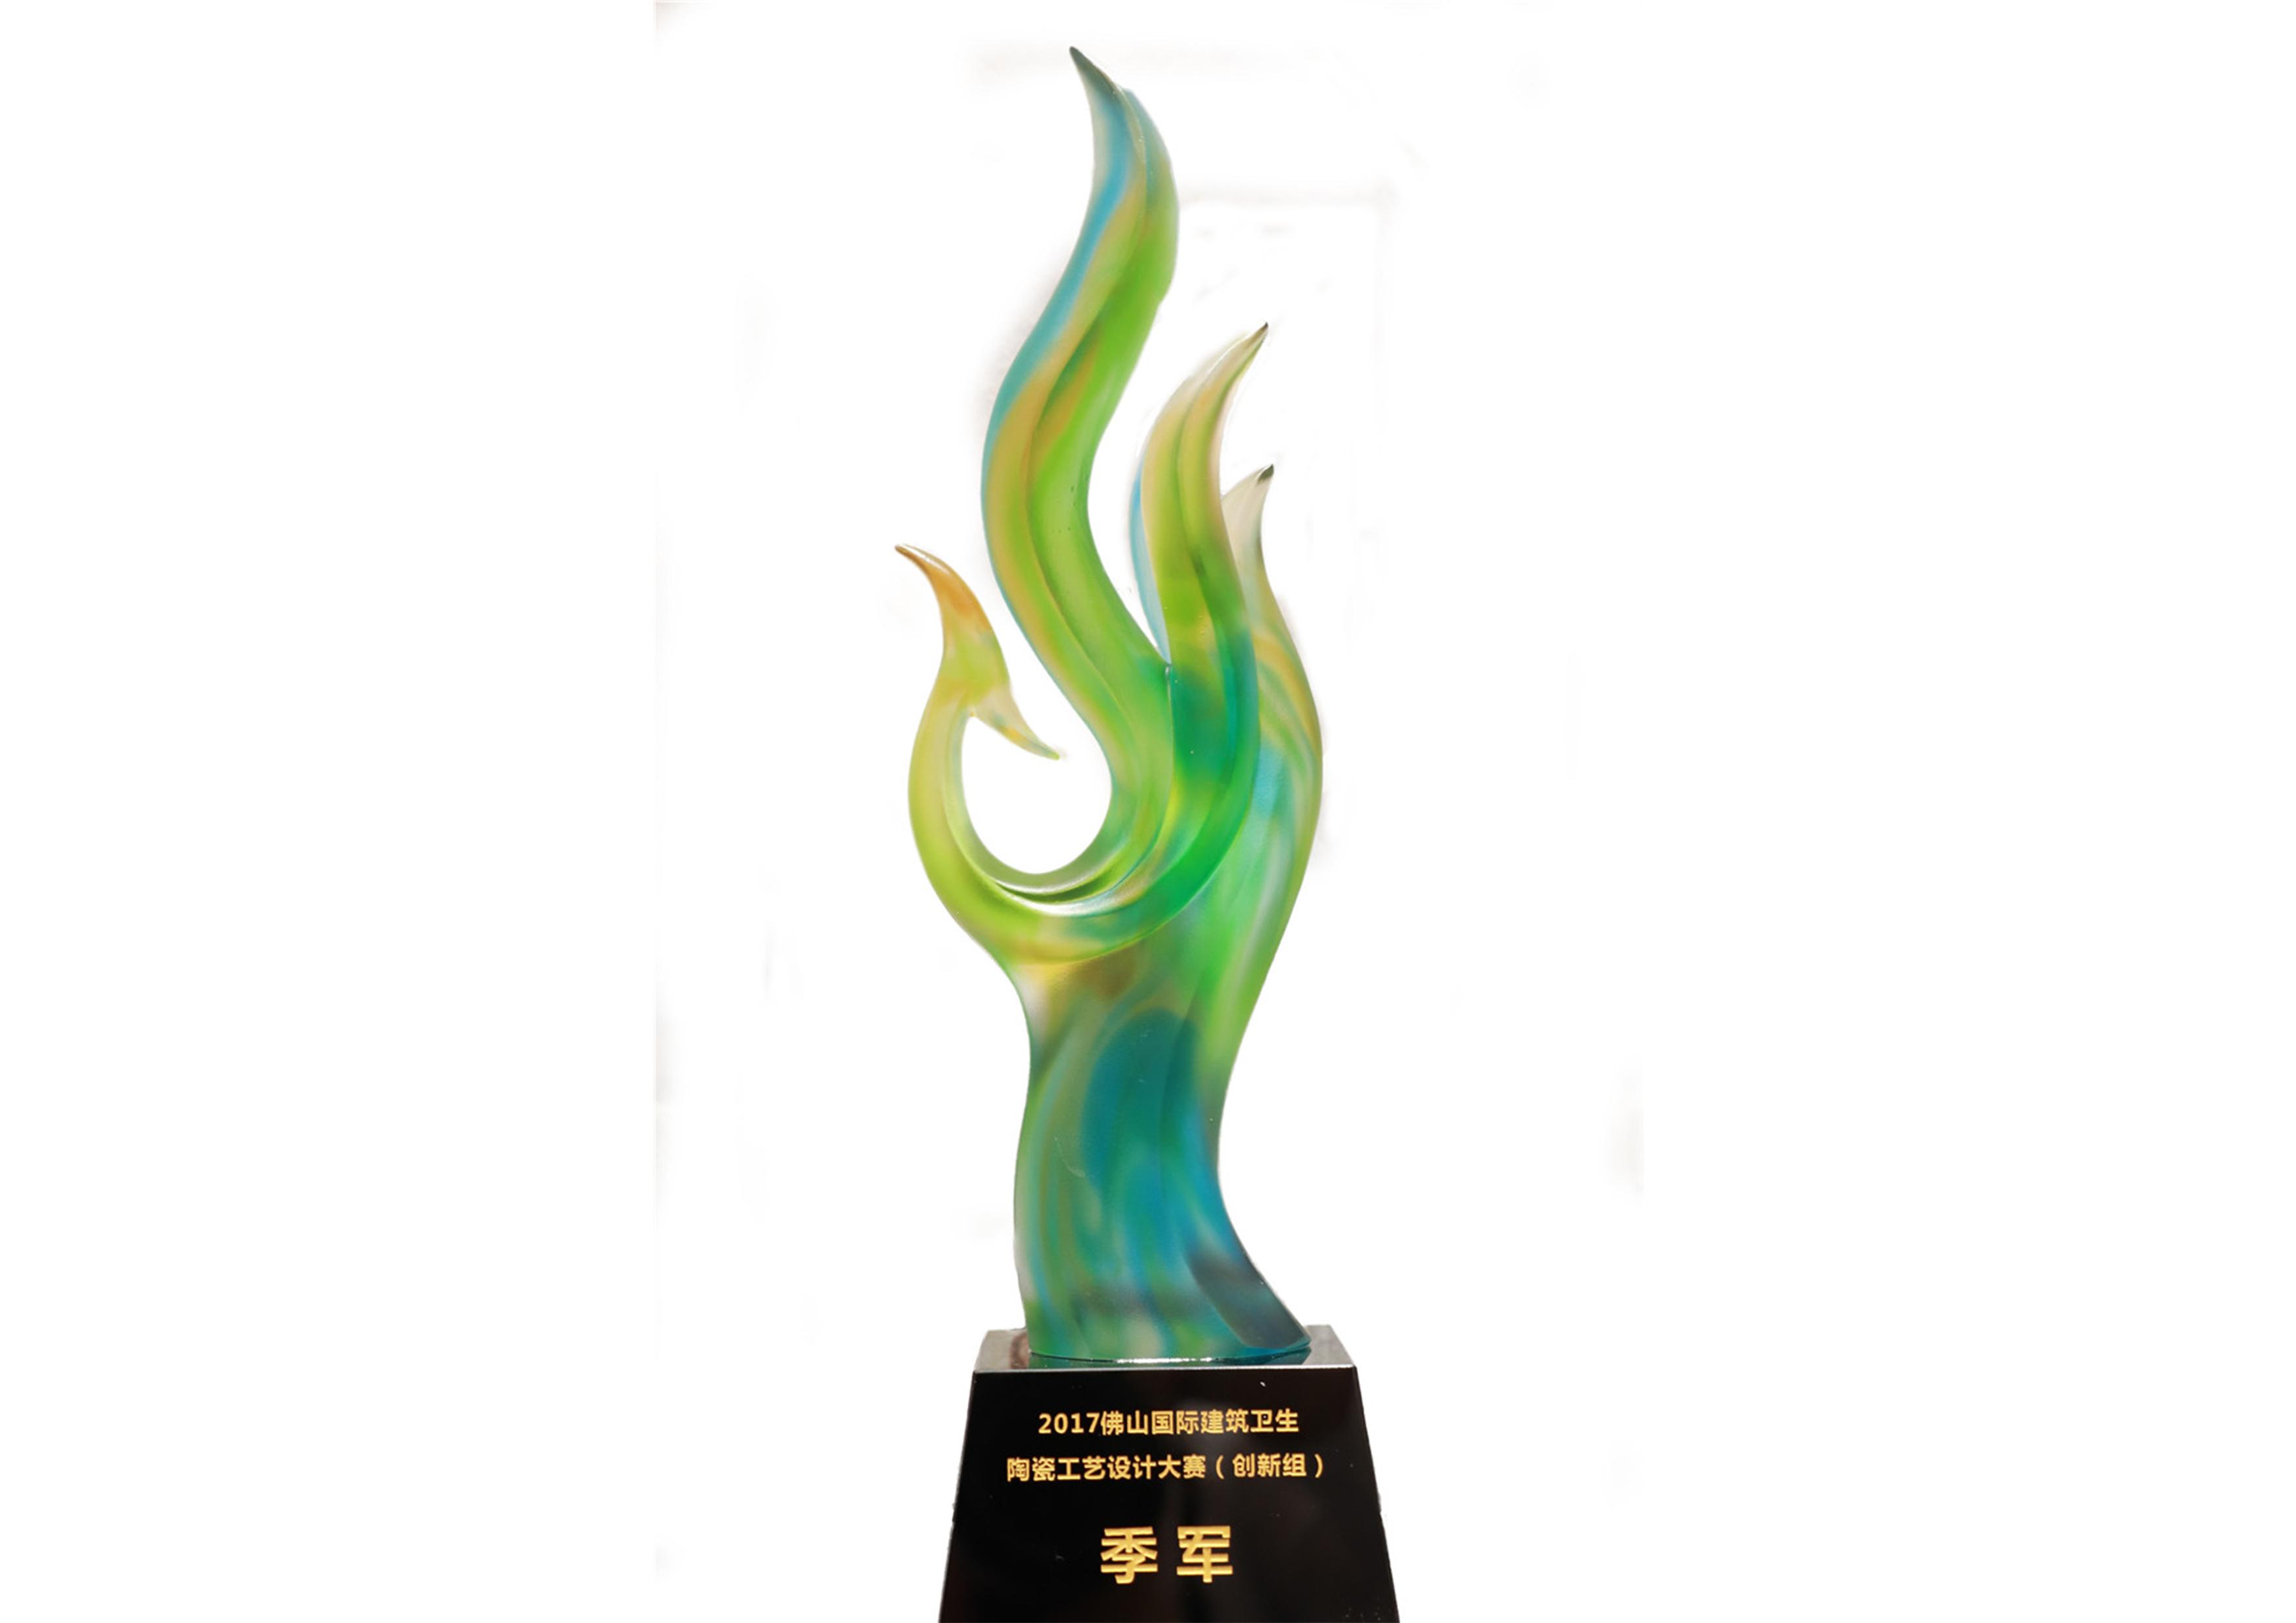 2017佛山国际建筑卫生陶瓷工艺设计大赛(创新组)季军图片